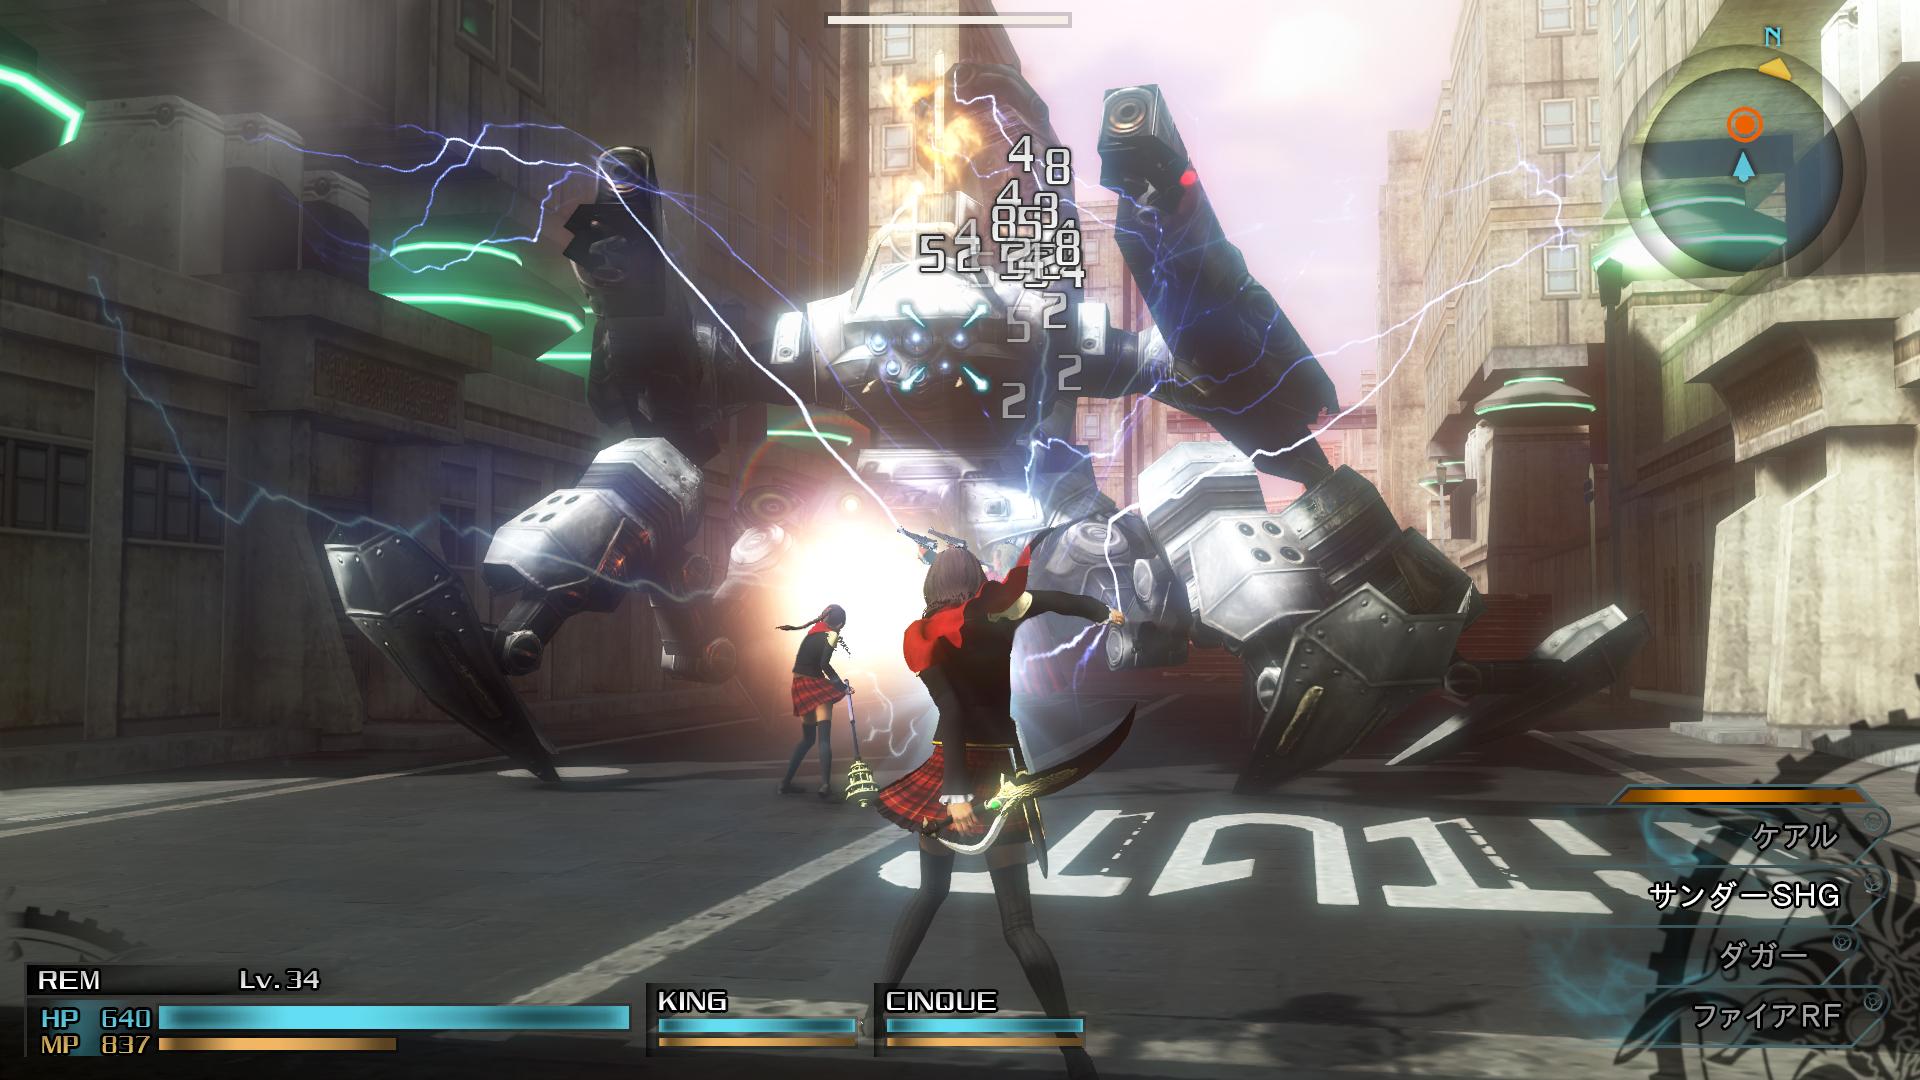 Final Fantasy Type-0 HD battle